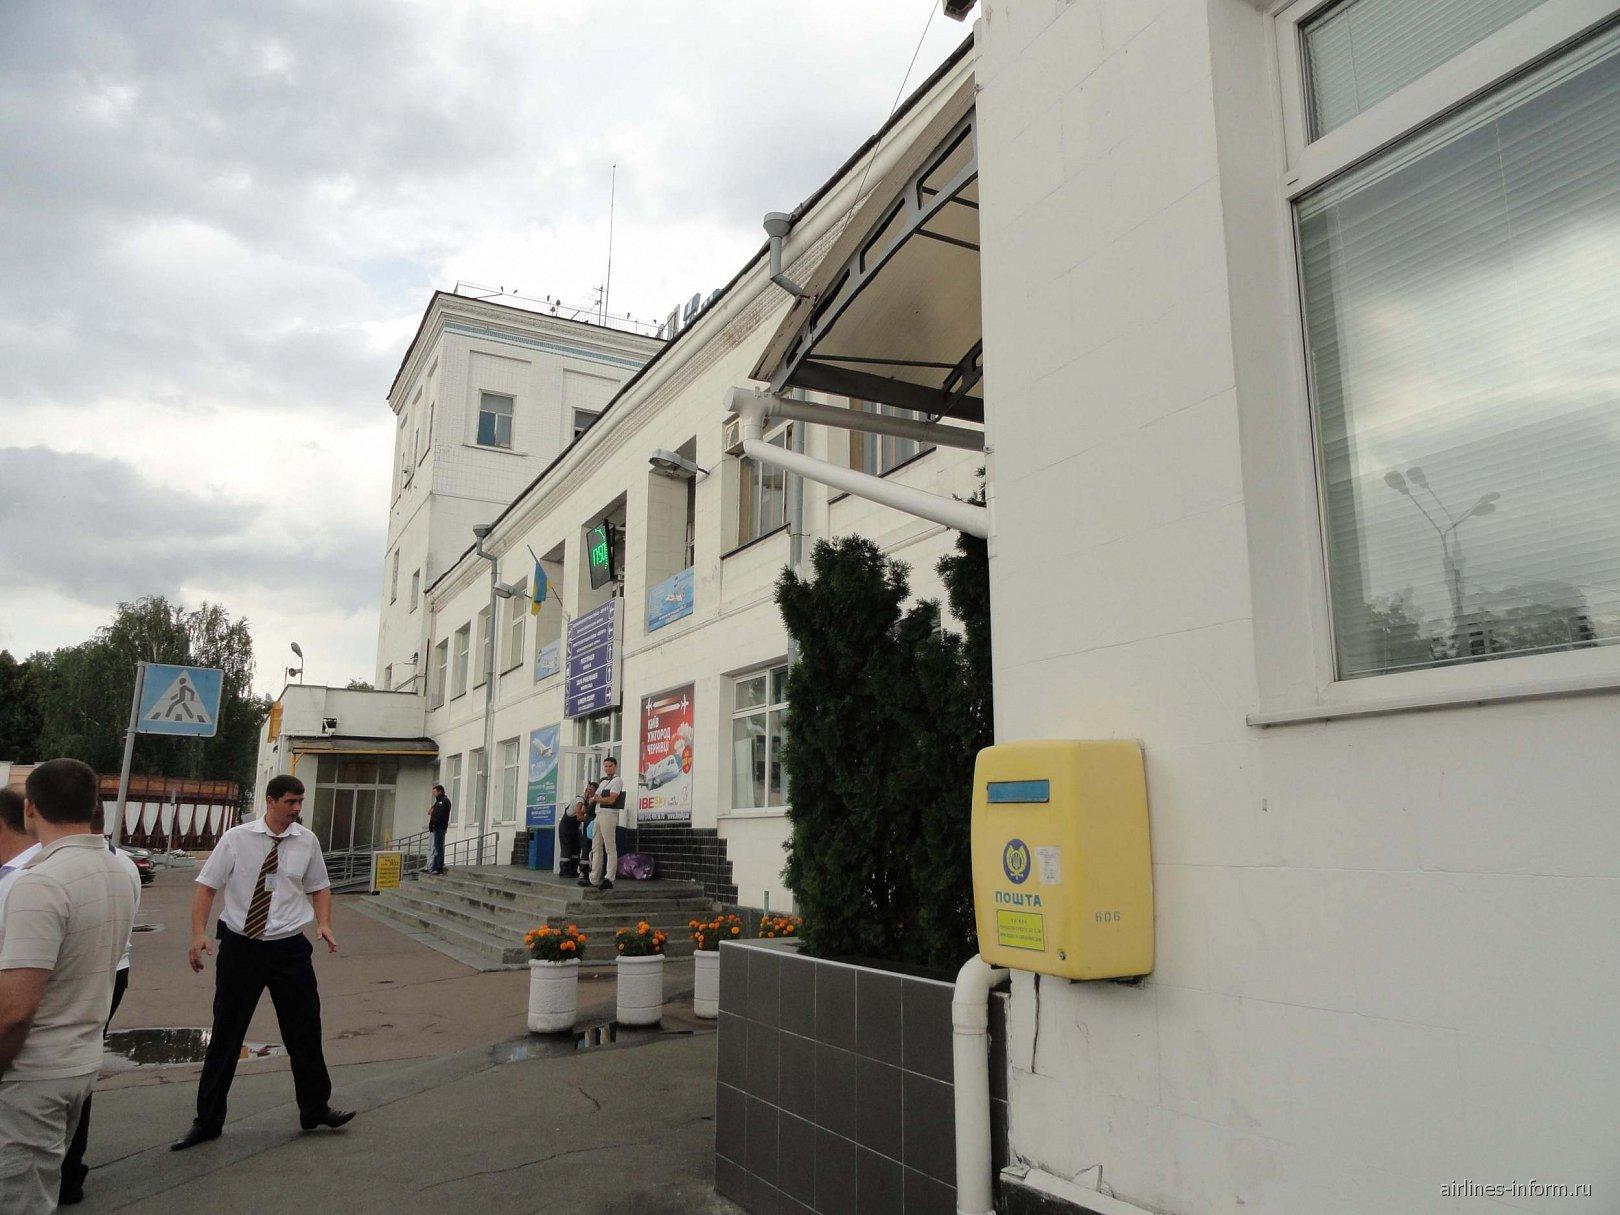 Терминал внутренних рейсов аэропорта Жуляны в Киеве